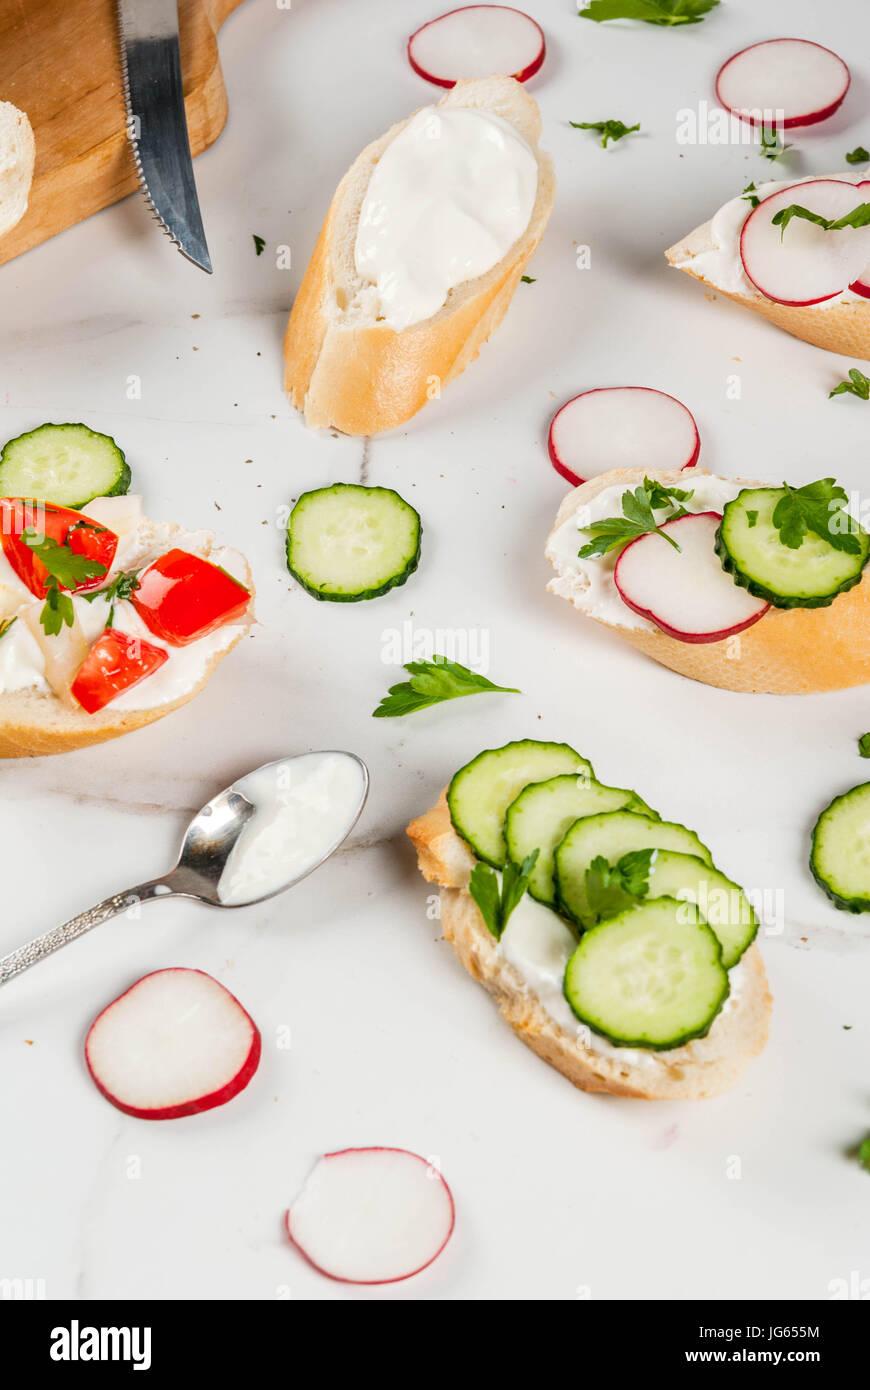 Gesunde Ernährung. Frühling, Sommer Snacks. Sandwiches Toast mit hausgemachtem Frischkäse und frischem Stockbild